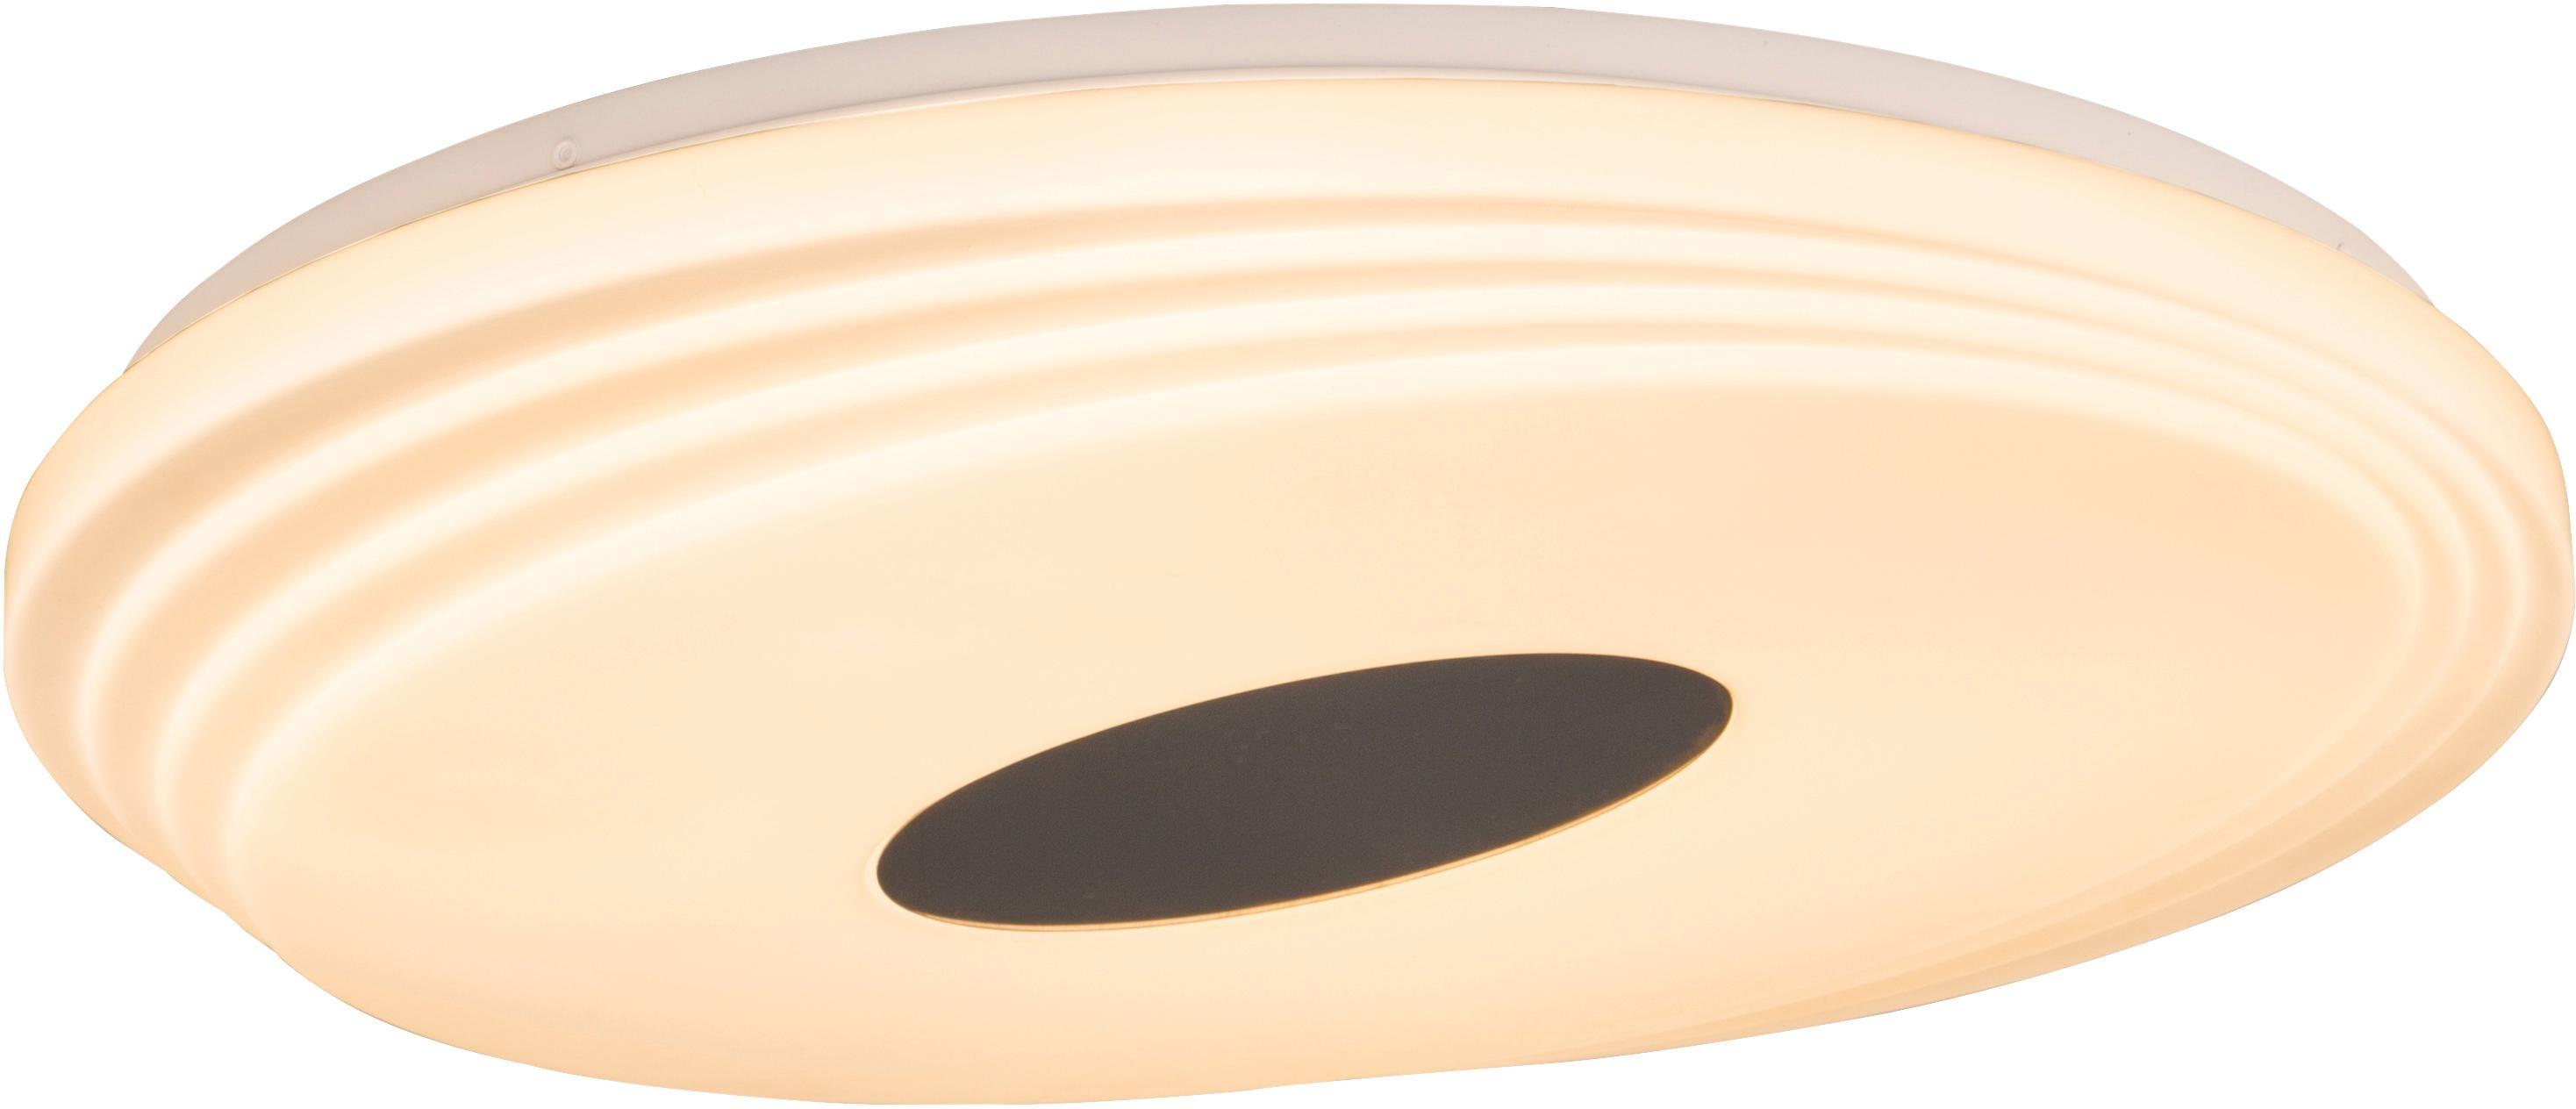 Nino Leuchten LED Deckenleuchte UBE